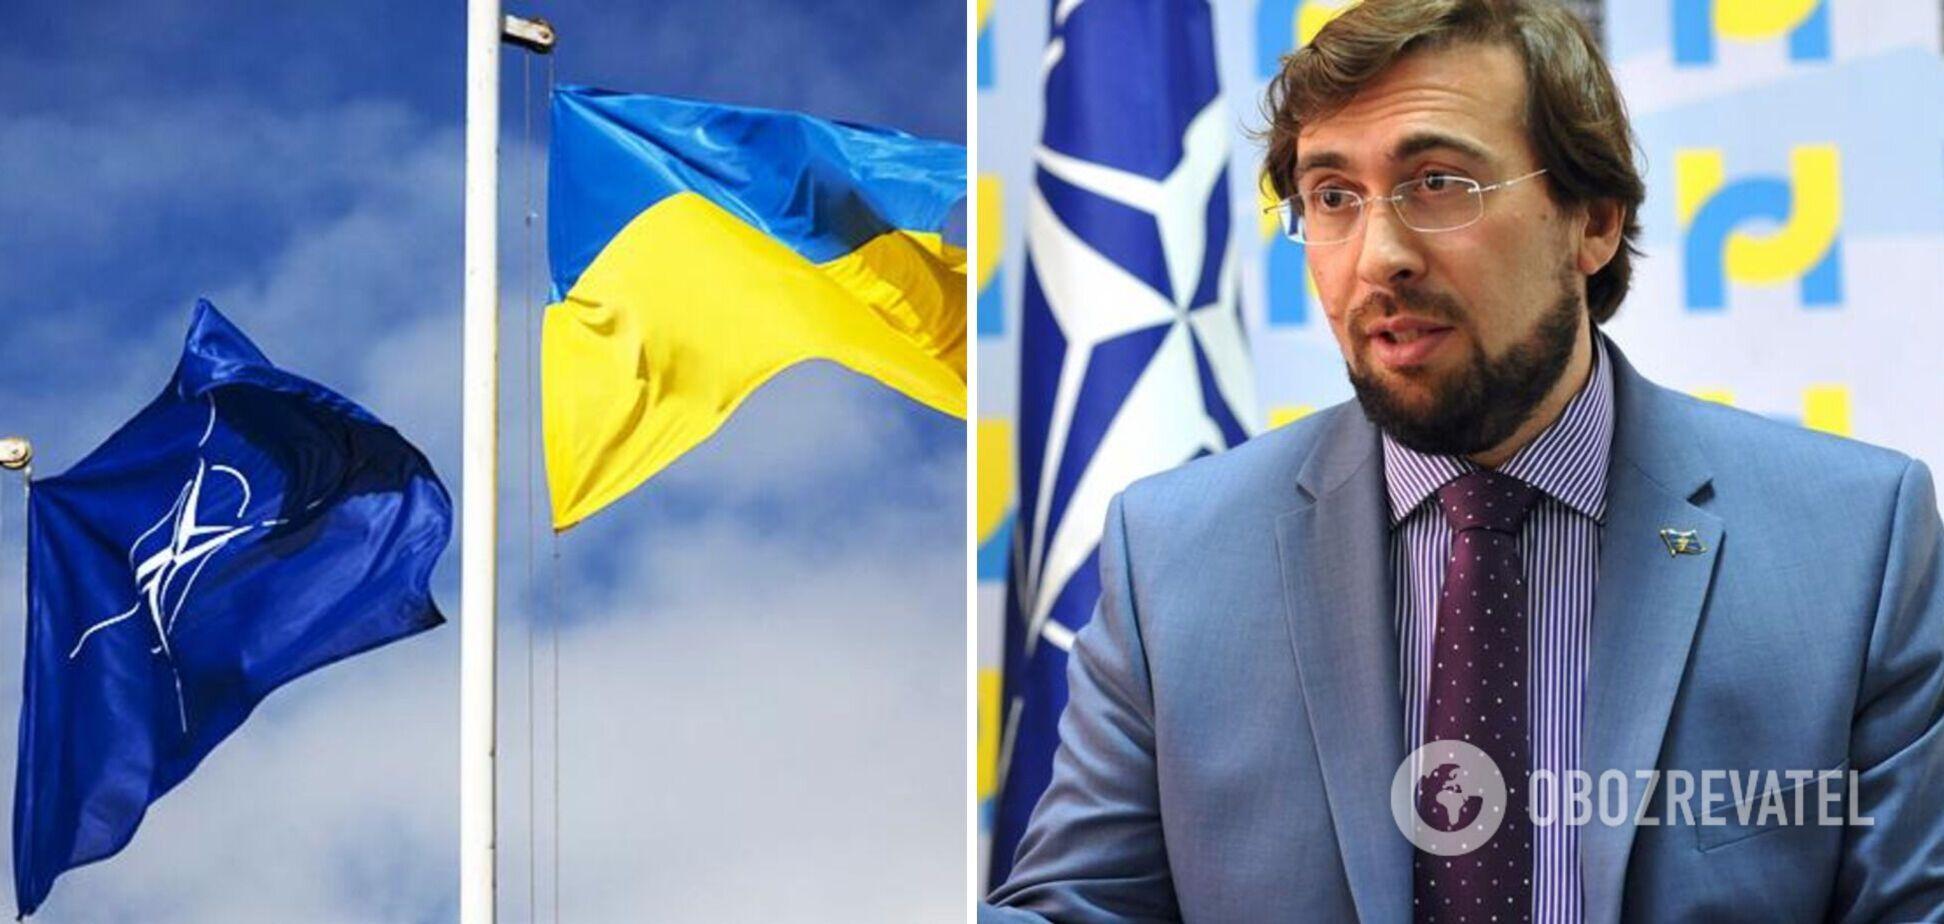 Могут ли Украину принять в НАТО во время войны: ответ посла Альянса. Видео